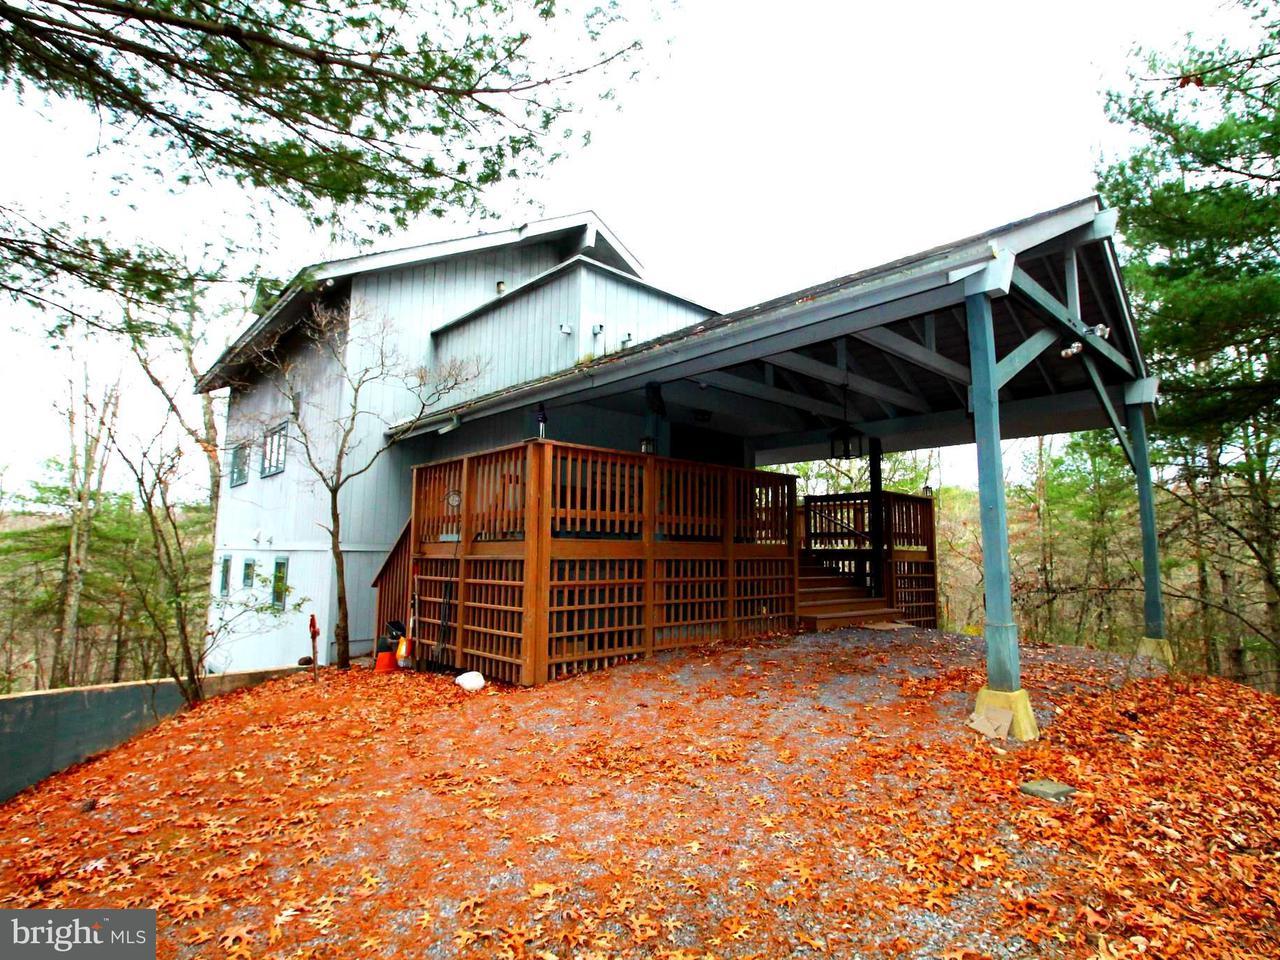 Μονοκατοικία για την Πώληση στο 462 Dale Drive 462 Dale Drive Basye, Βιρτζινια 22810 Ηνωμενεσ Πολιτειεσ